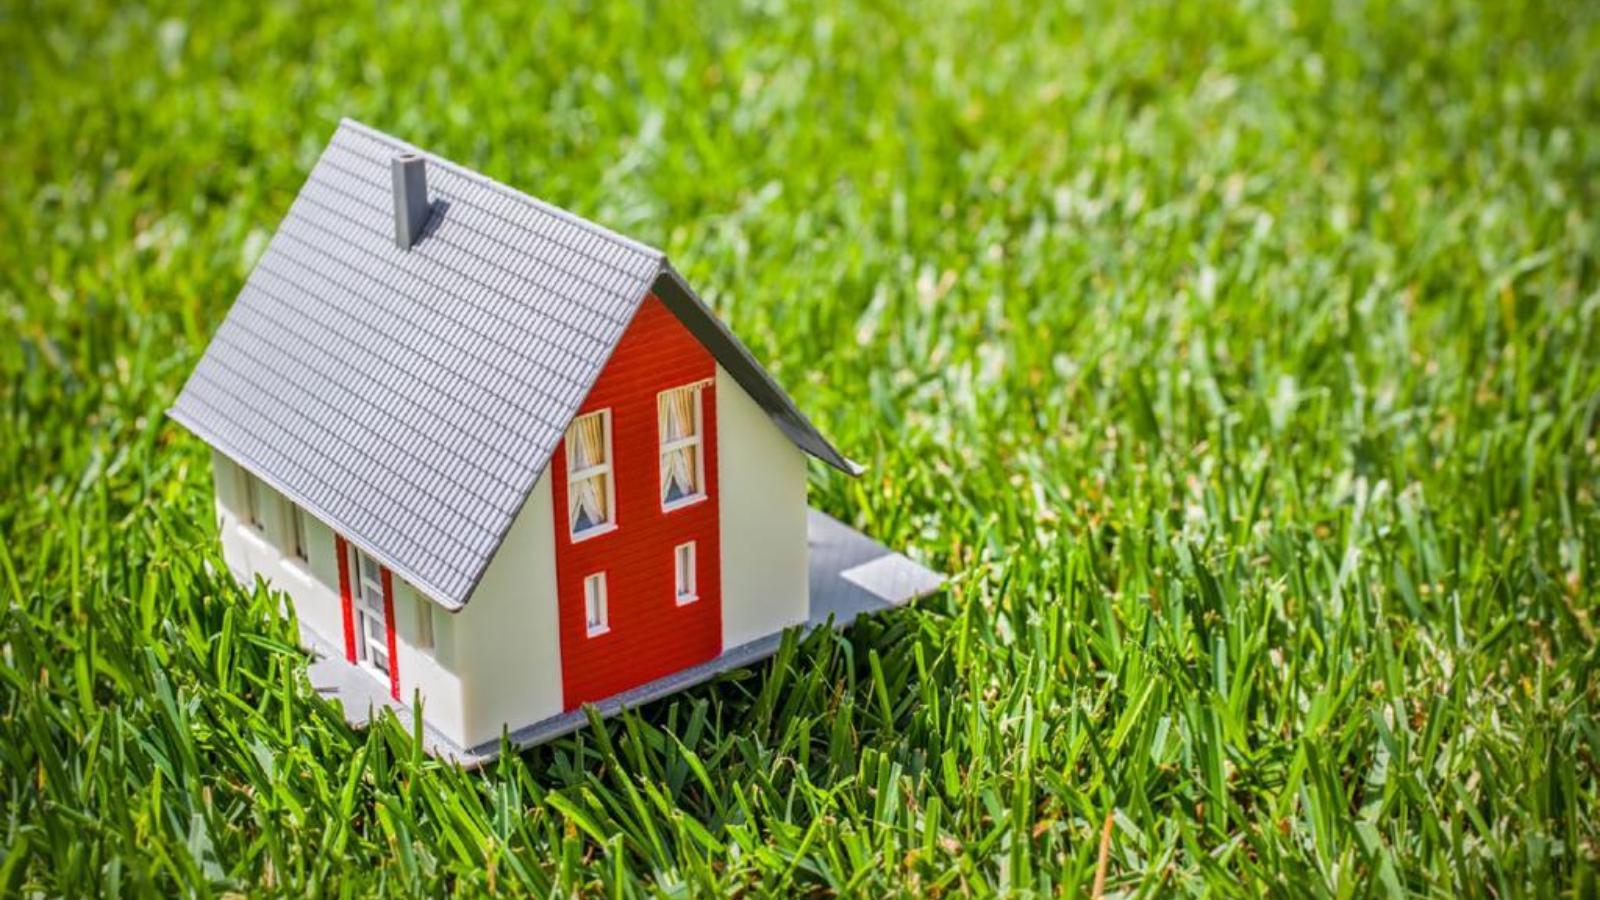 Регистрация дома в СНТ в 2021 году пошаговая инструкция